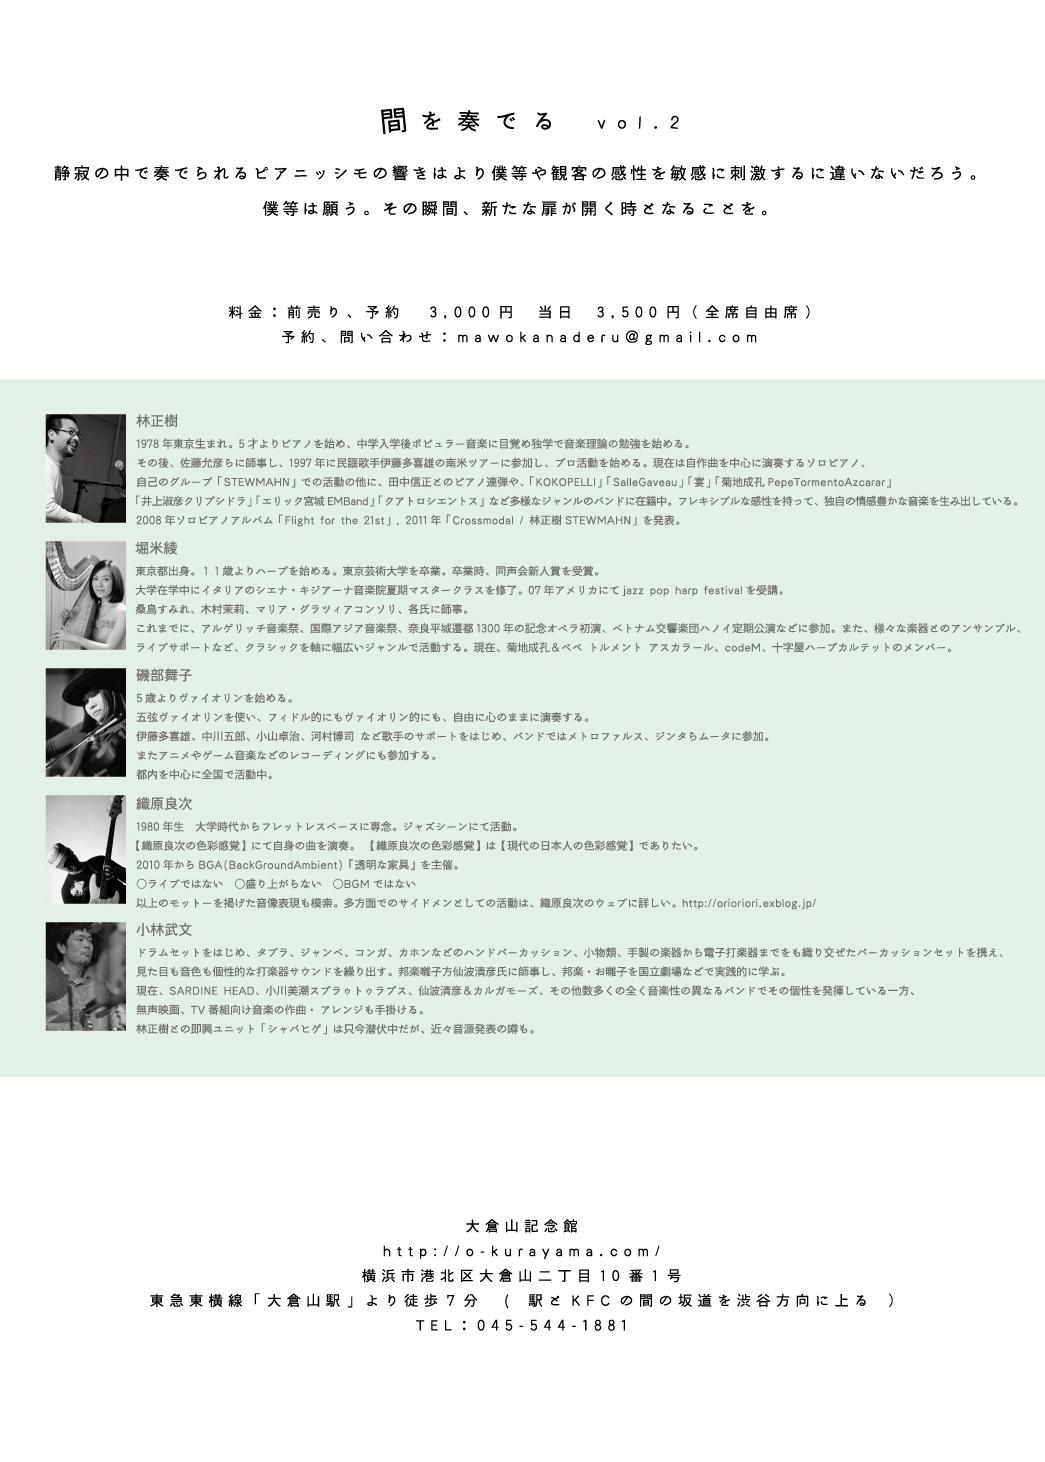 6/12(火)〜林正樹「間を奏でるvol.2」@大倉山記念館ホール_c0080172_13564777.jpg